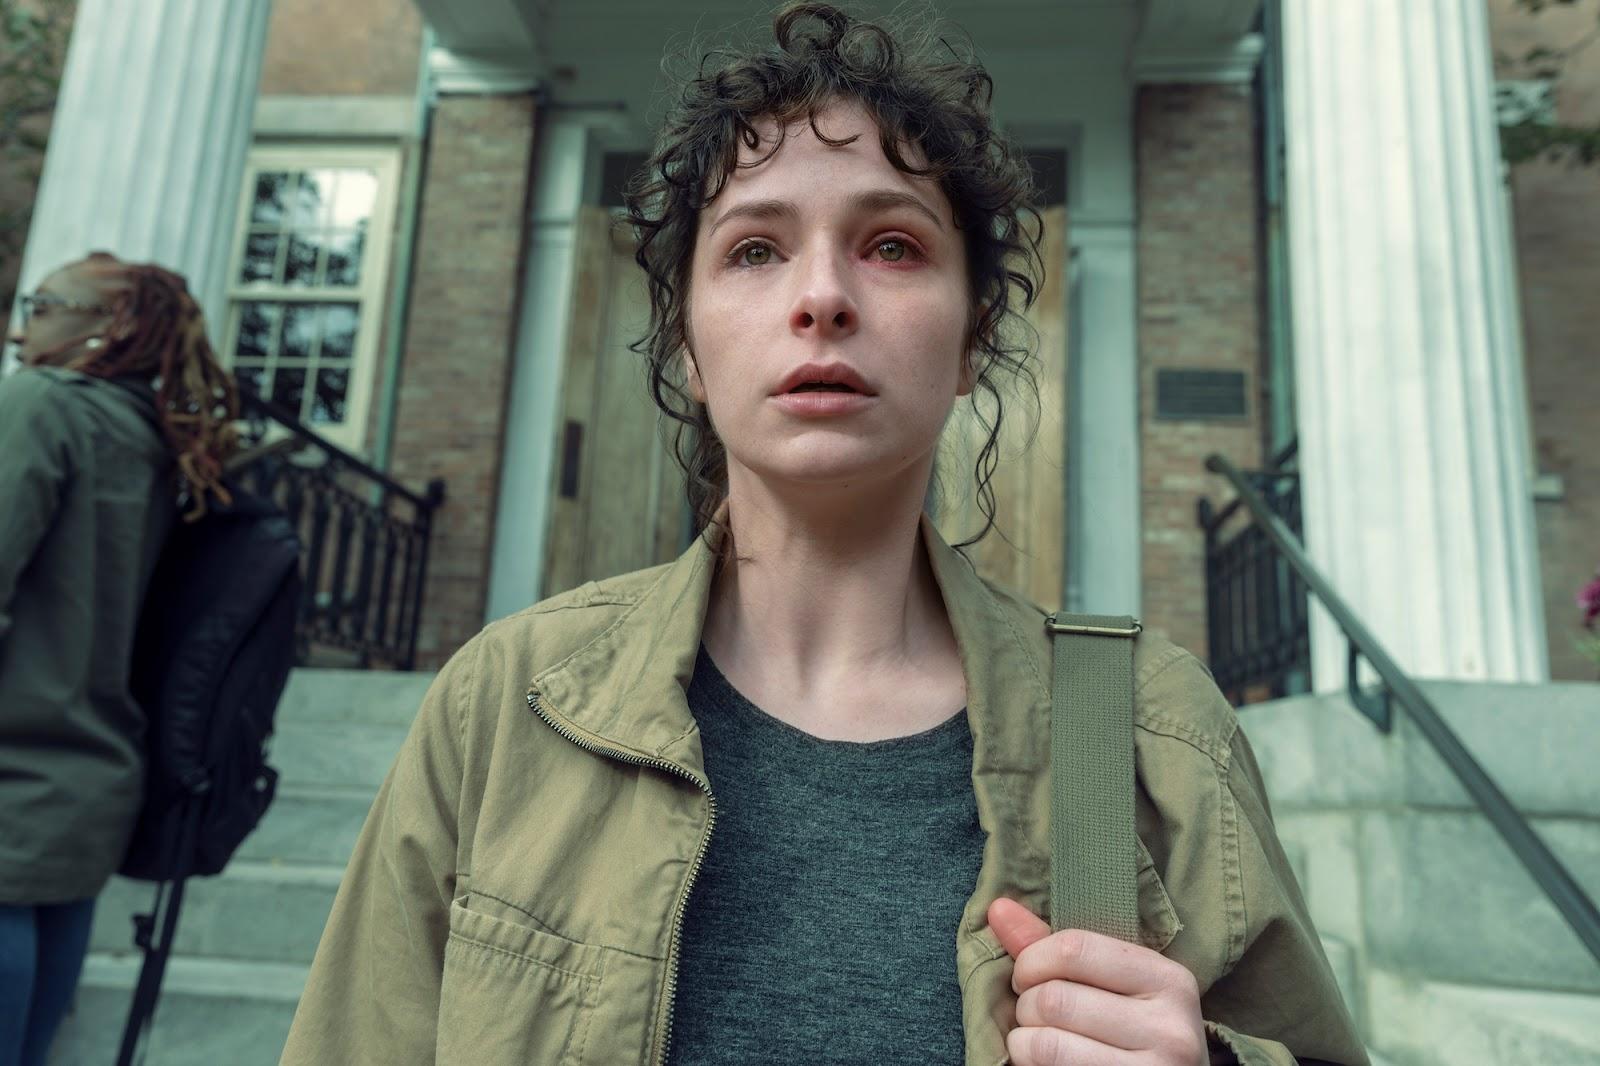 AMC NOS4A2 | The Shorter Way | Ashleigh Cummings is Vic McQueen